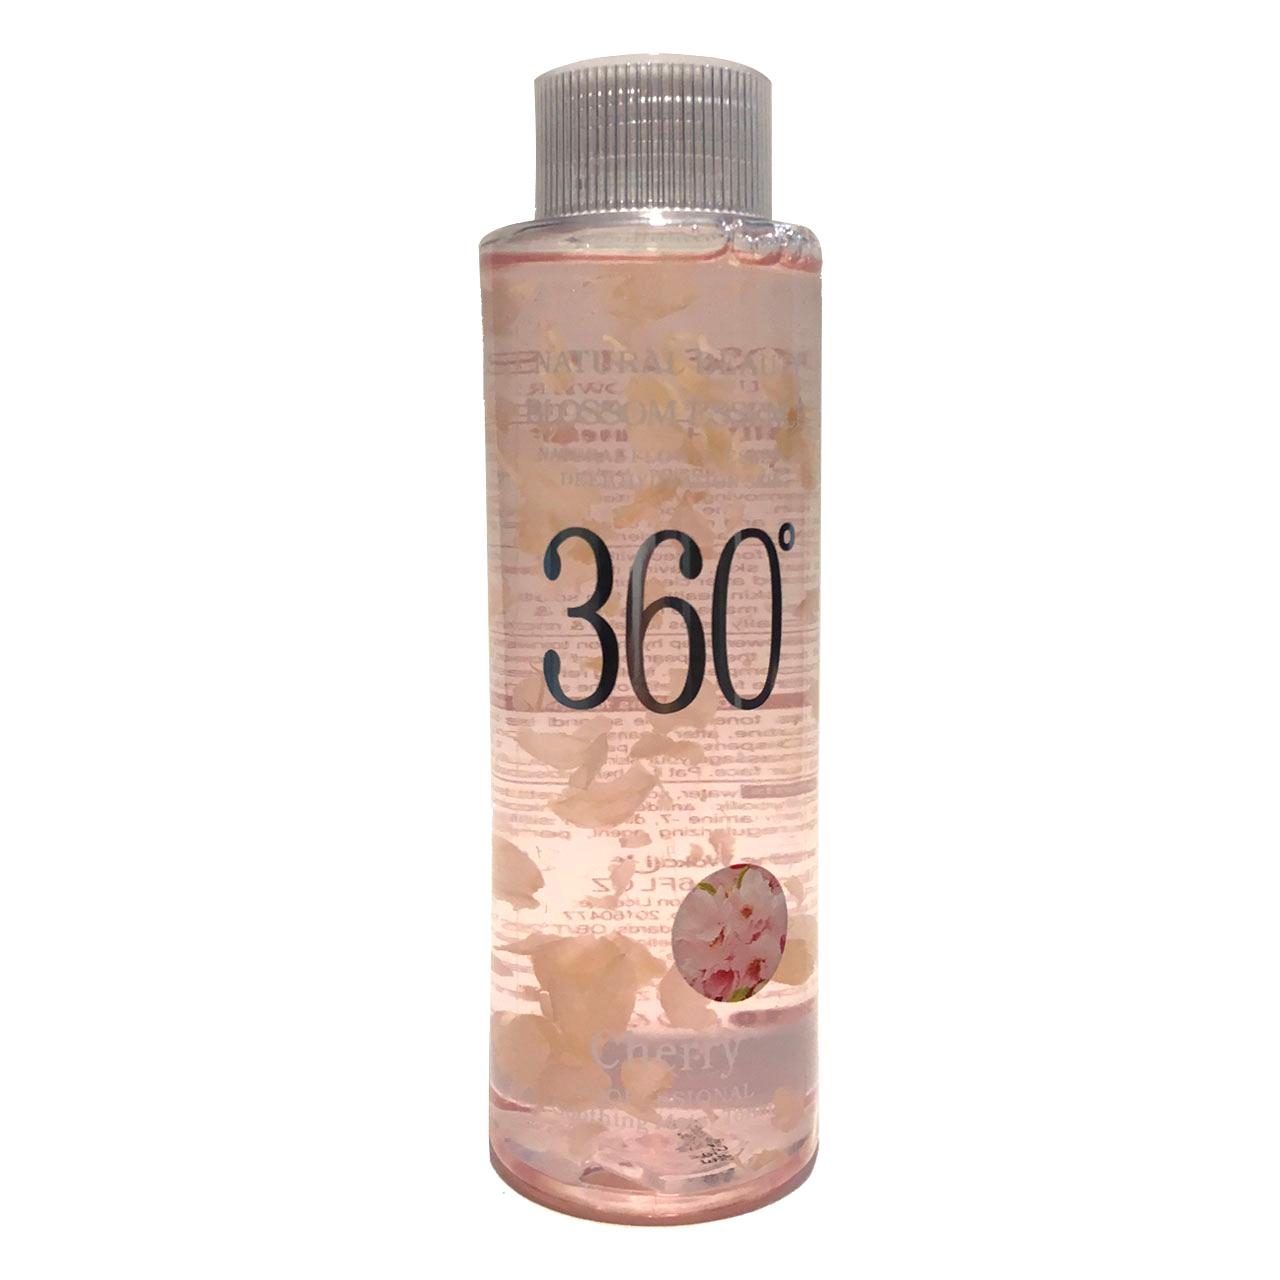 تونر پاک کننده آرایش صورت 360 مدل Flower حجم 300 میلی لیتر